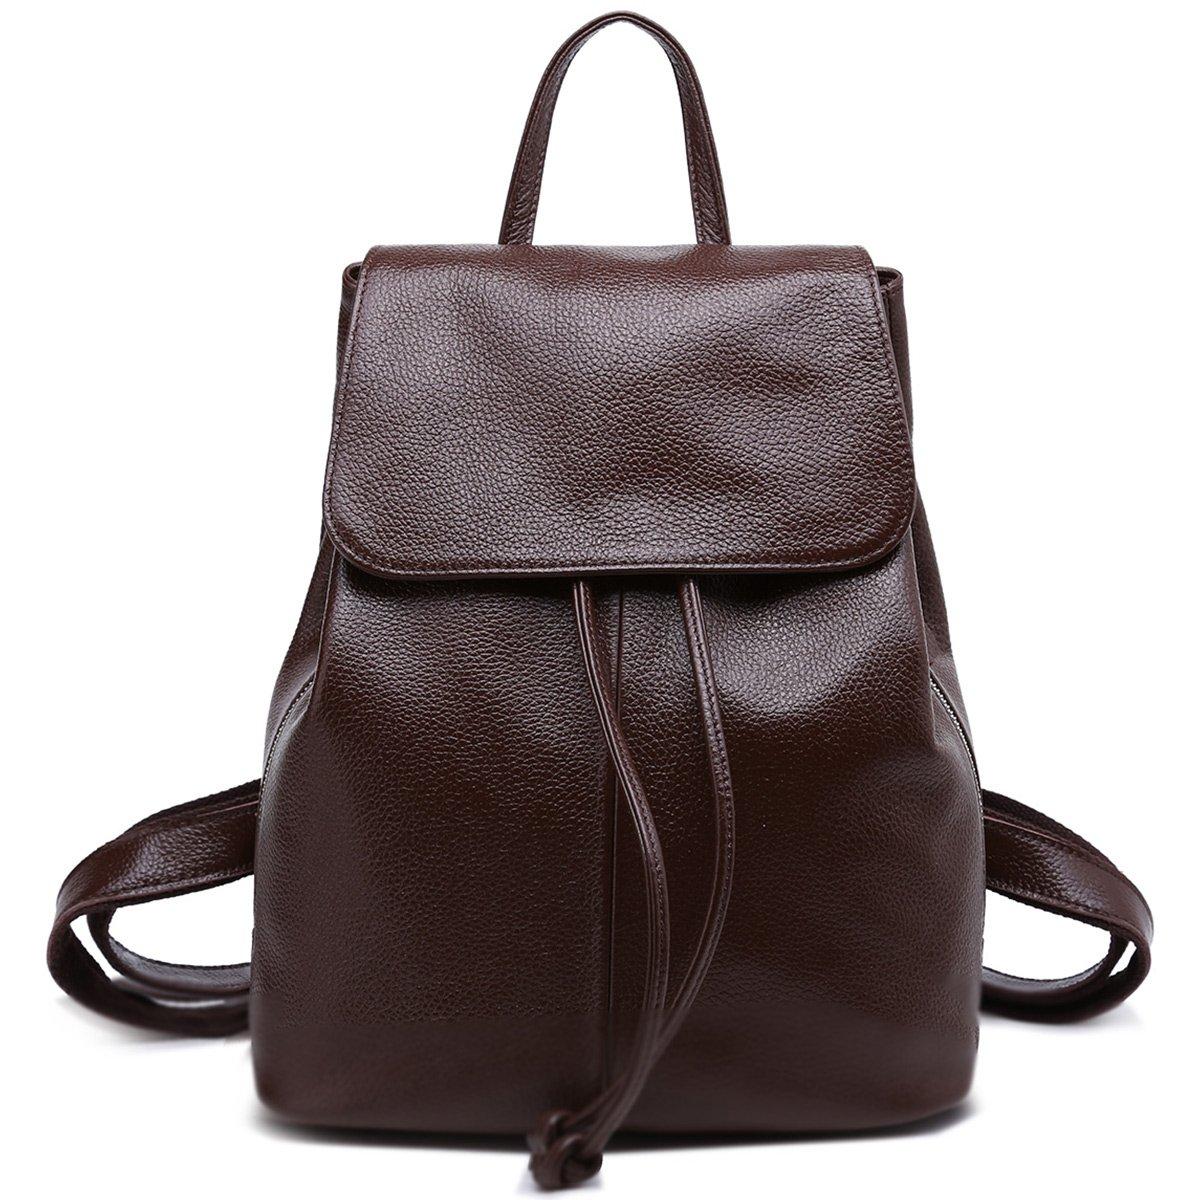 Genuine Leather Backpack for Women Elegant Ladies Travel School Shoulder Bag (Coffee Brown)